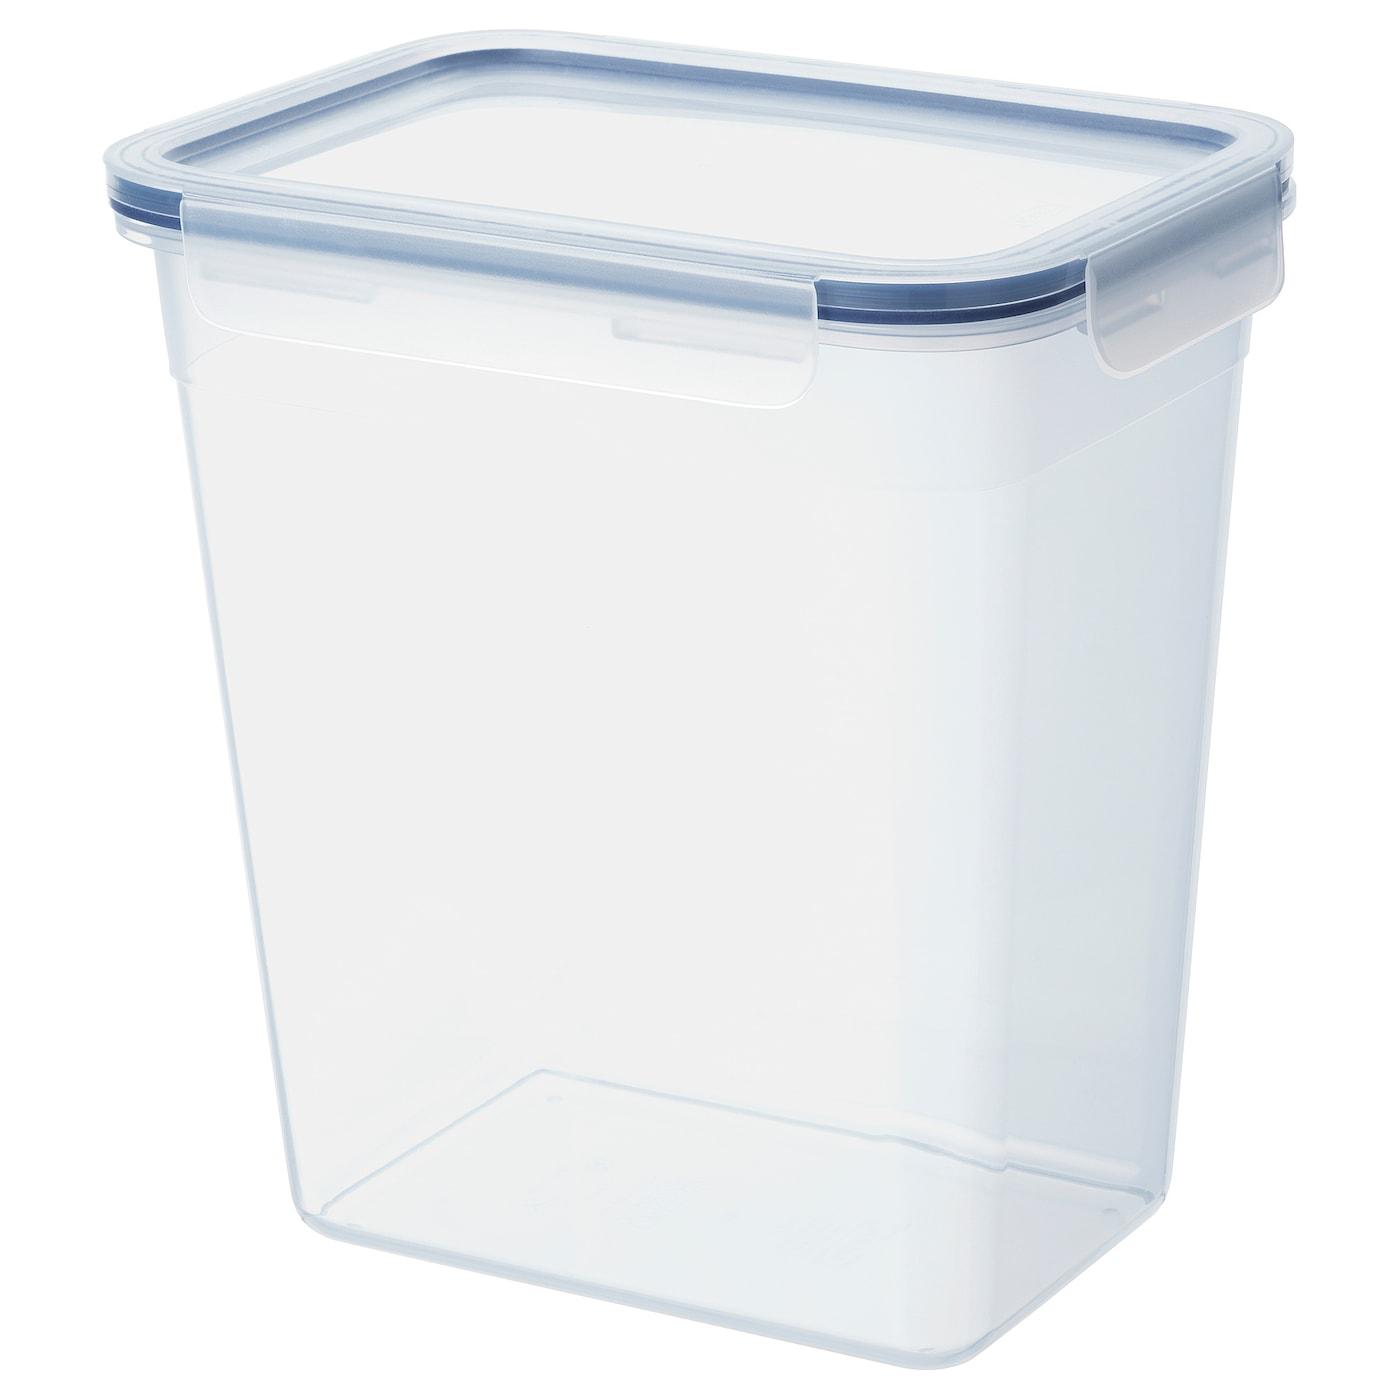 IKEA 365+ Vorratsbehälter mit Deckel – rechteckig – 4,2 l